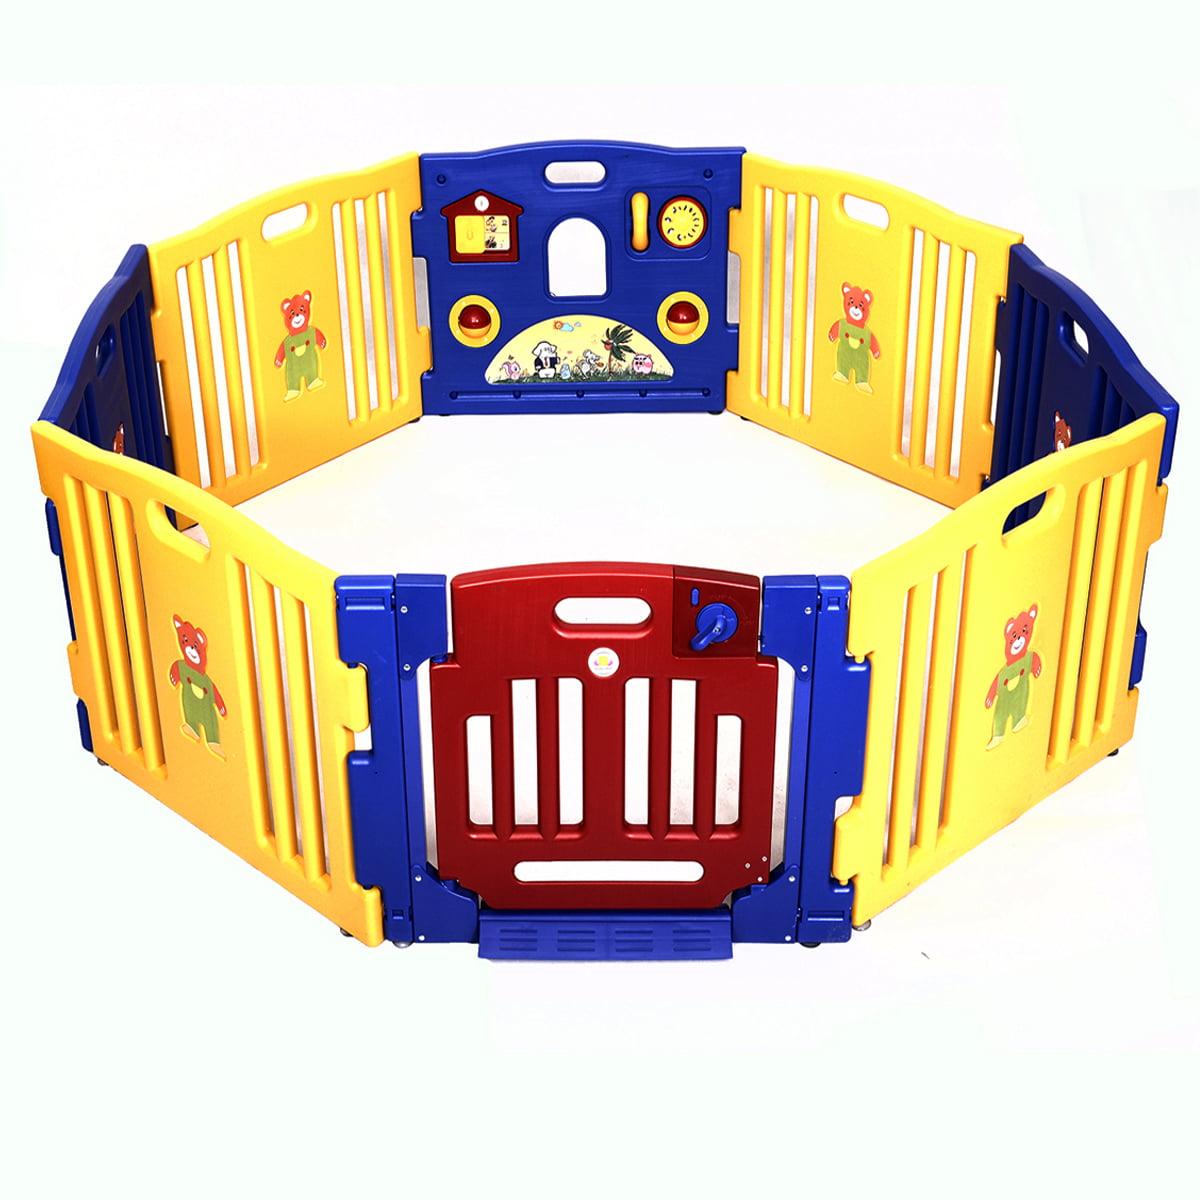 Costway Baby Playpen Kids 8 Panel Safety Play Center Yard Home Indoor Outdoor Pen